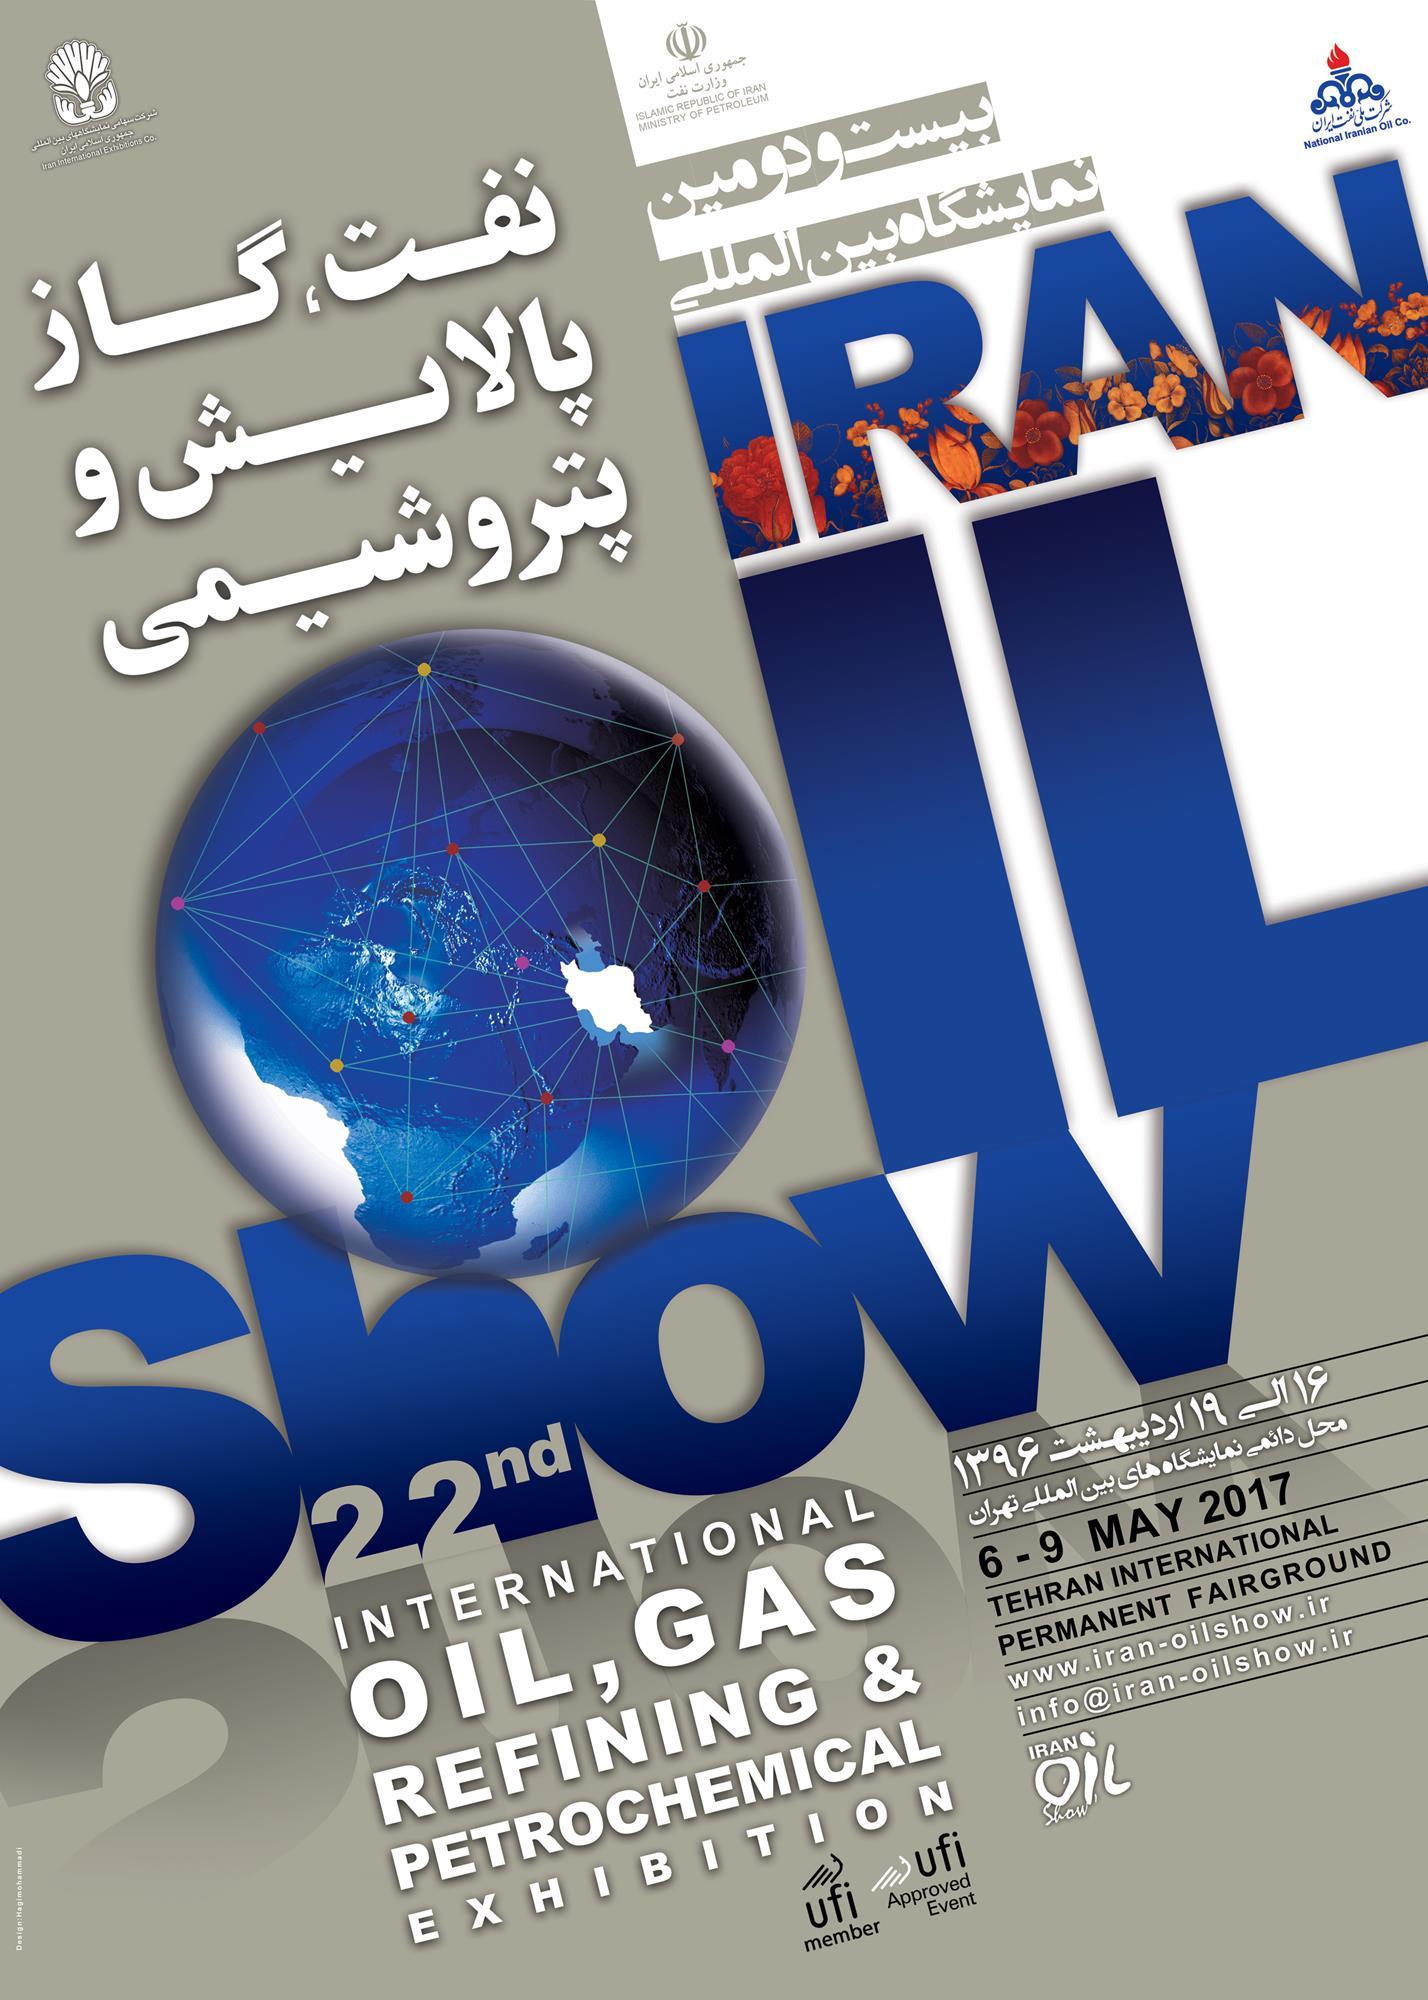 بیست و دومین نمایشگاه بین المللی نفت و گاز و پتروشیمی